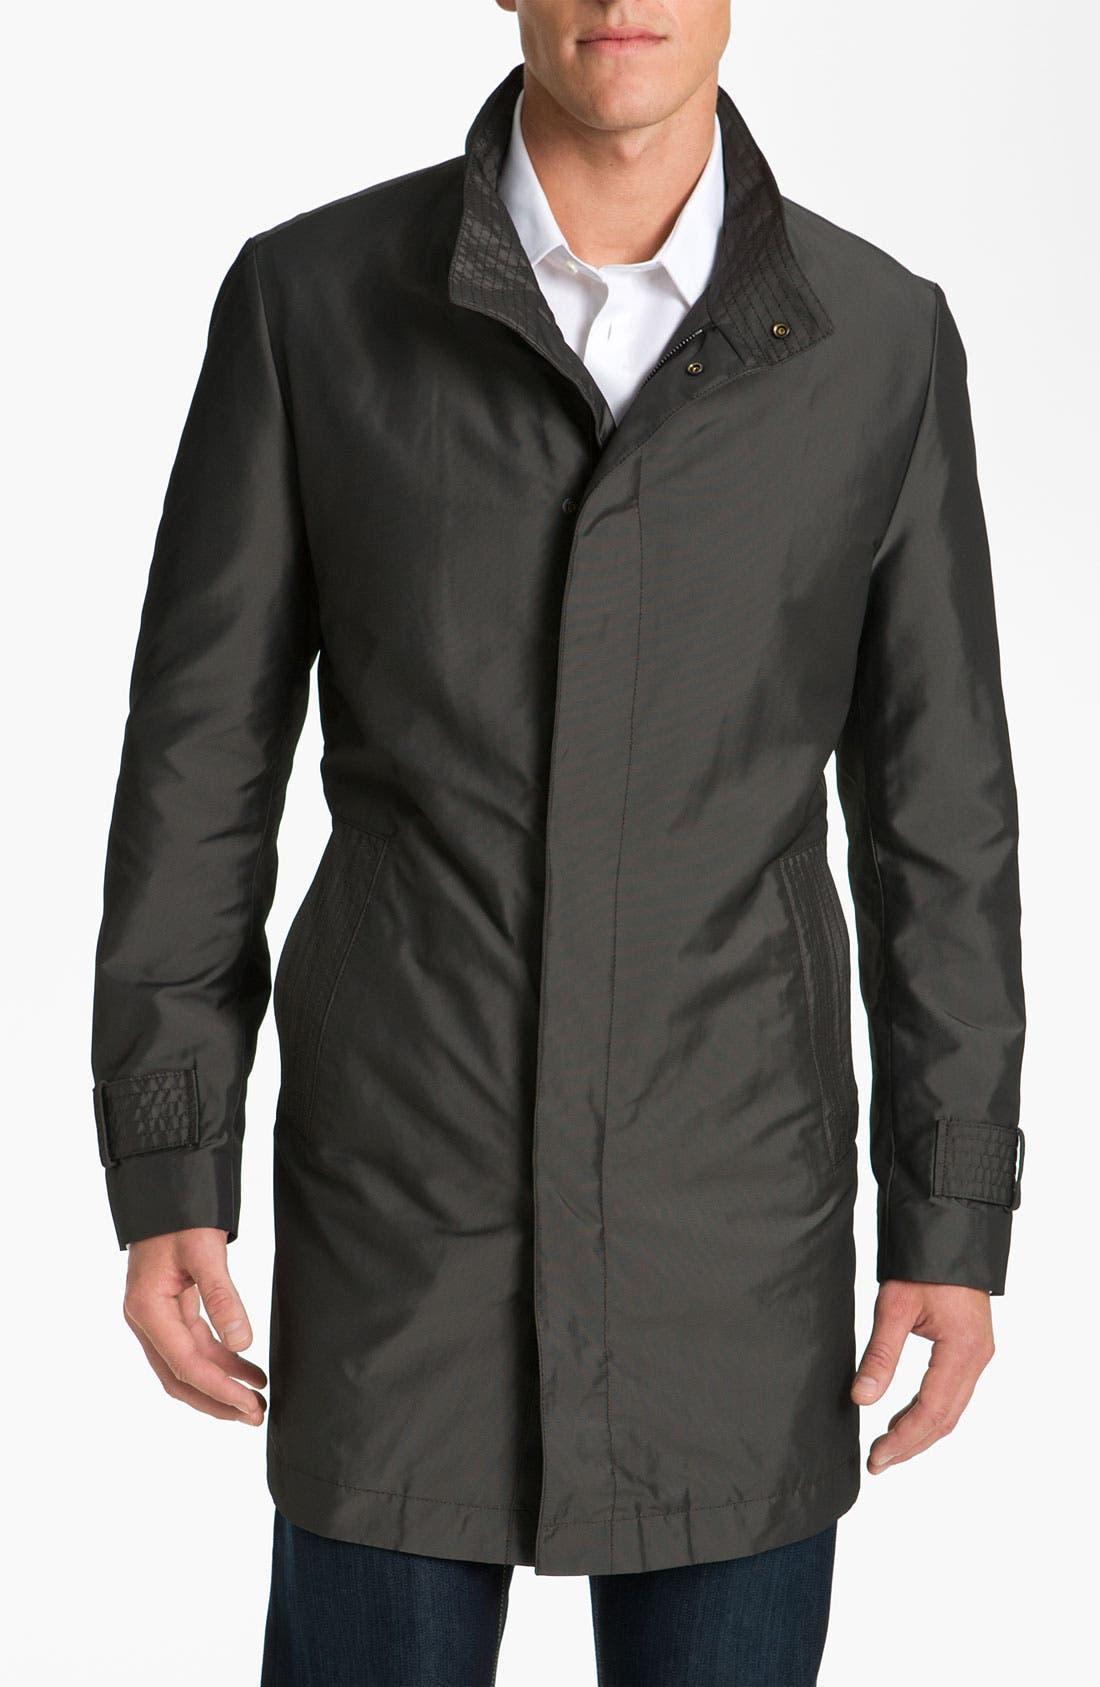 Main Image - BOSS Black 'The Pander' Trim Fit Raincoat